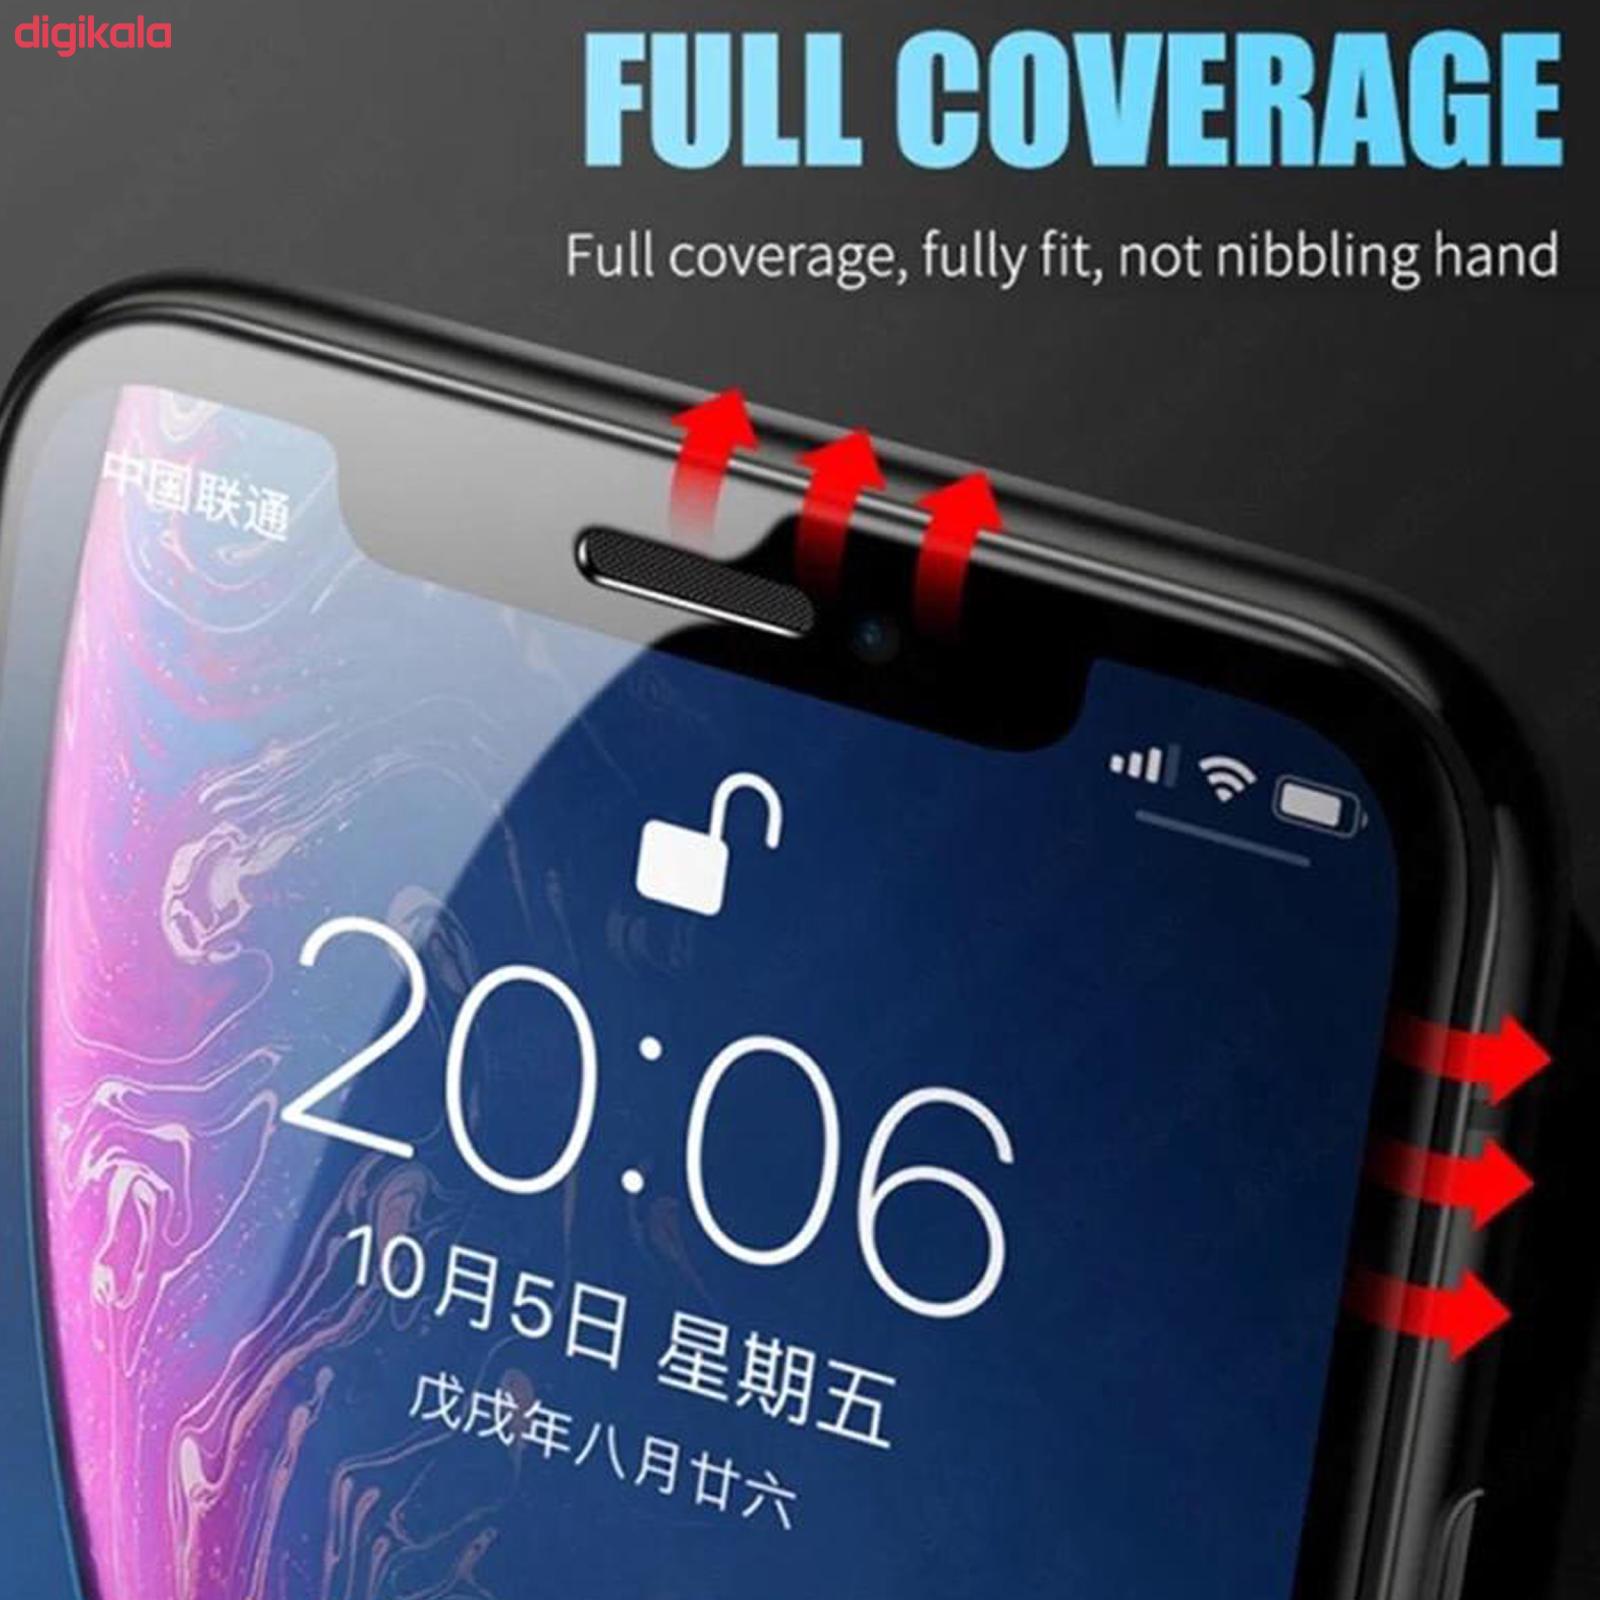 محافظ صفحه نمایش سرامیکی کوالا مدل CER-CL مناسب برای گوشی موبایل سامسونگ Galaxy A11 / M11 main 1 6